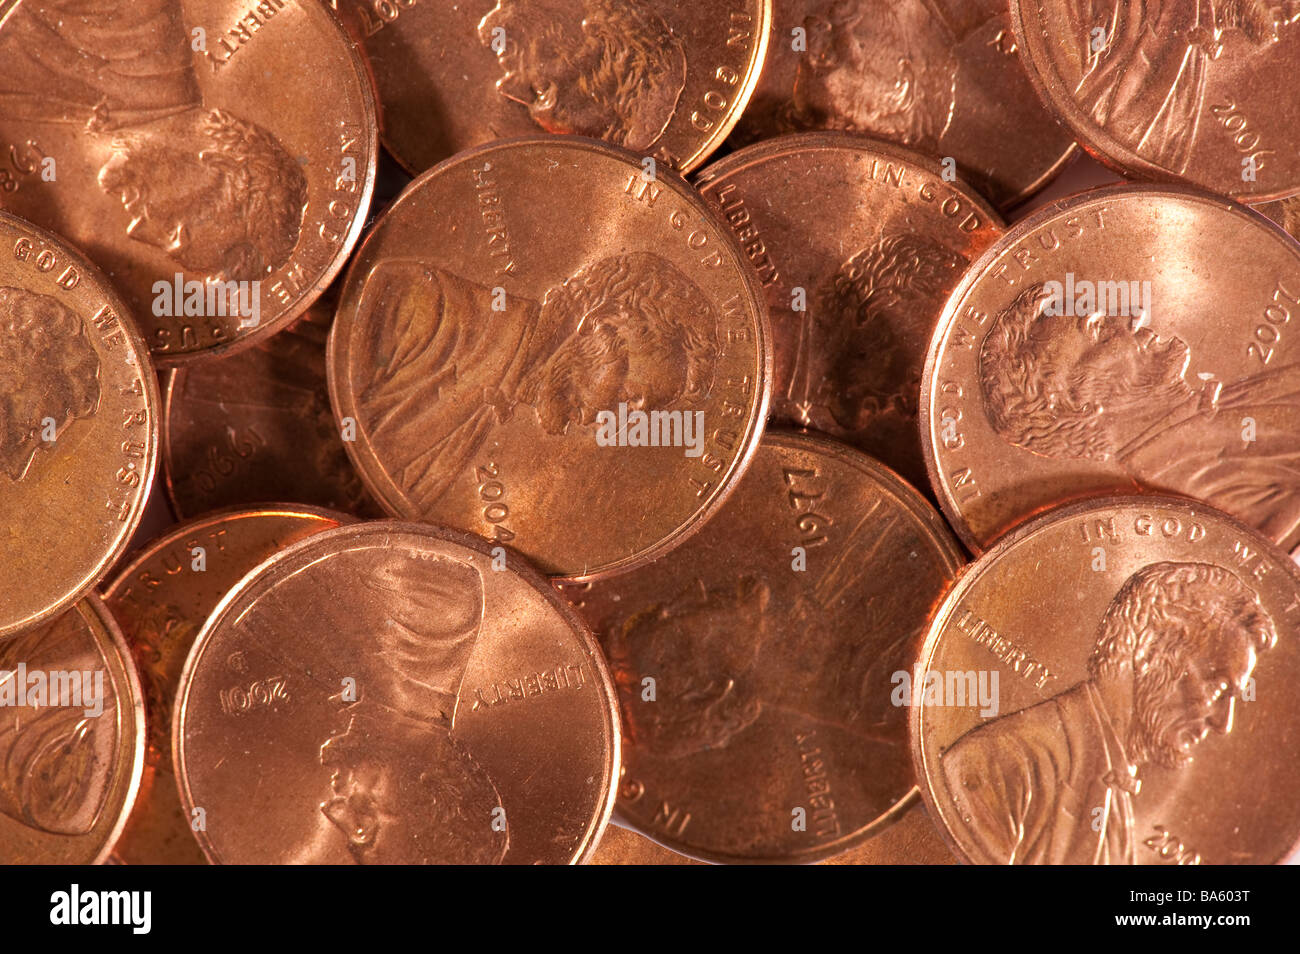 closeup pennies - Stock Image